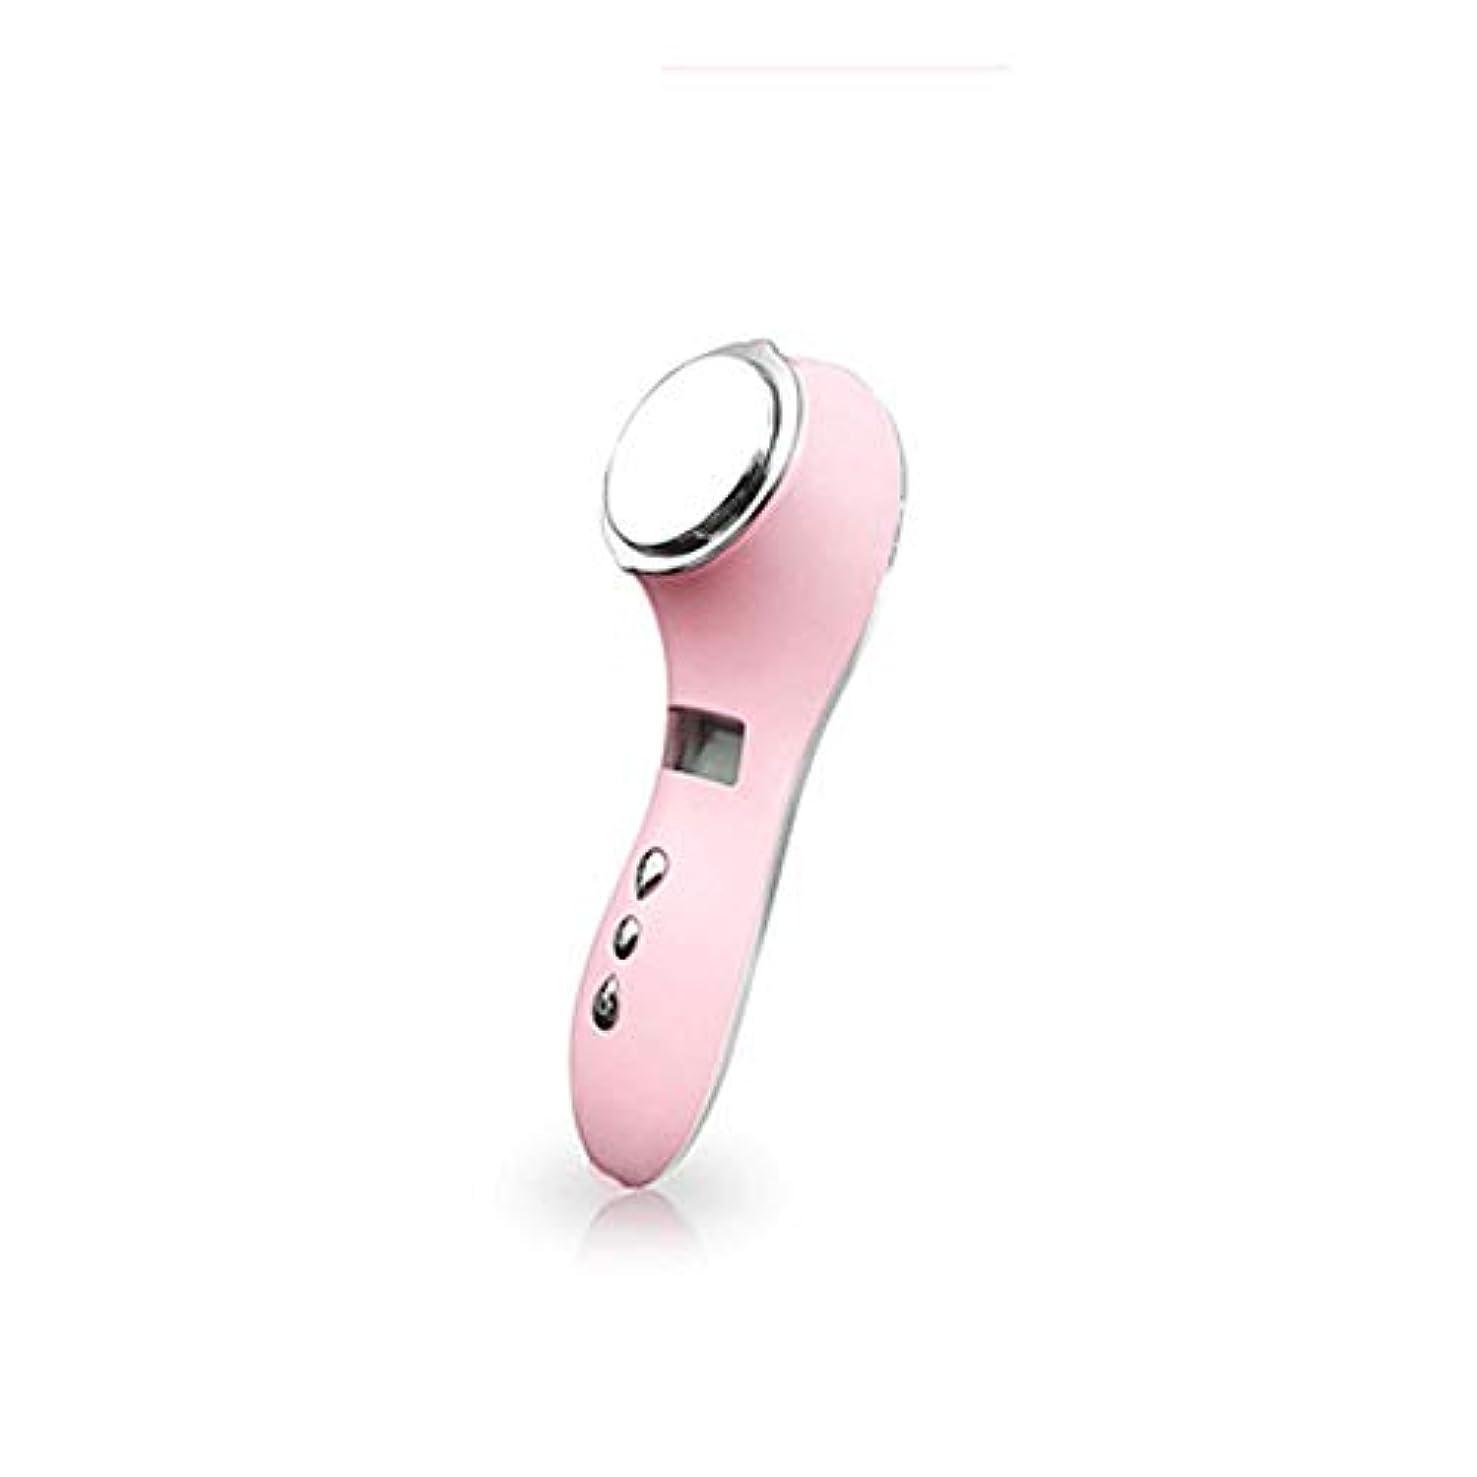 折単位表現HEHUIHUI- クレンジングブラシ、ディープクレンジングフェイシャル、防水および振動クレンジングブラシ、アンチエイジング、やさしい角質除去、マッサージ(ホワイト) (Color : Pink)